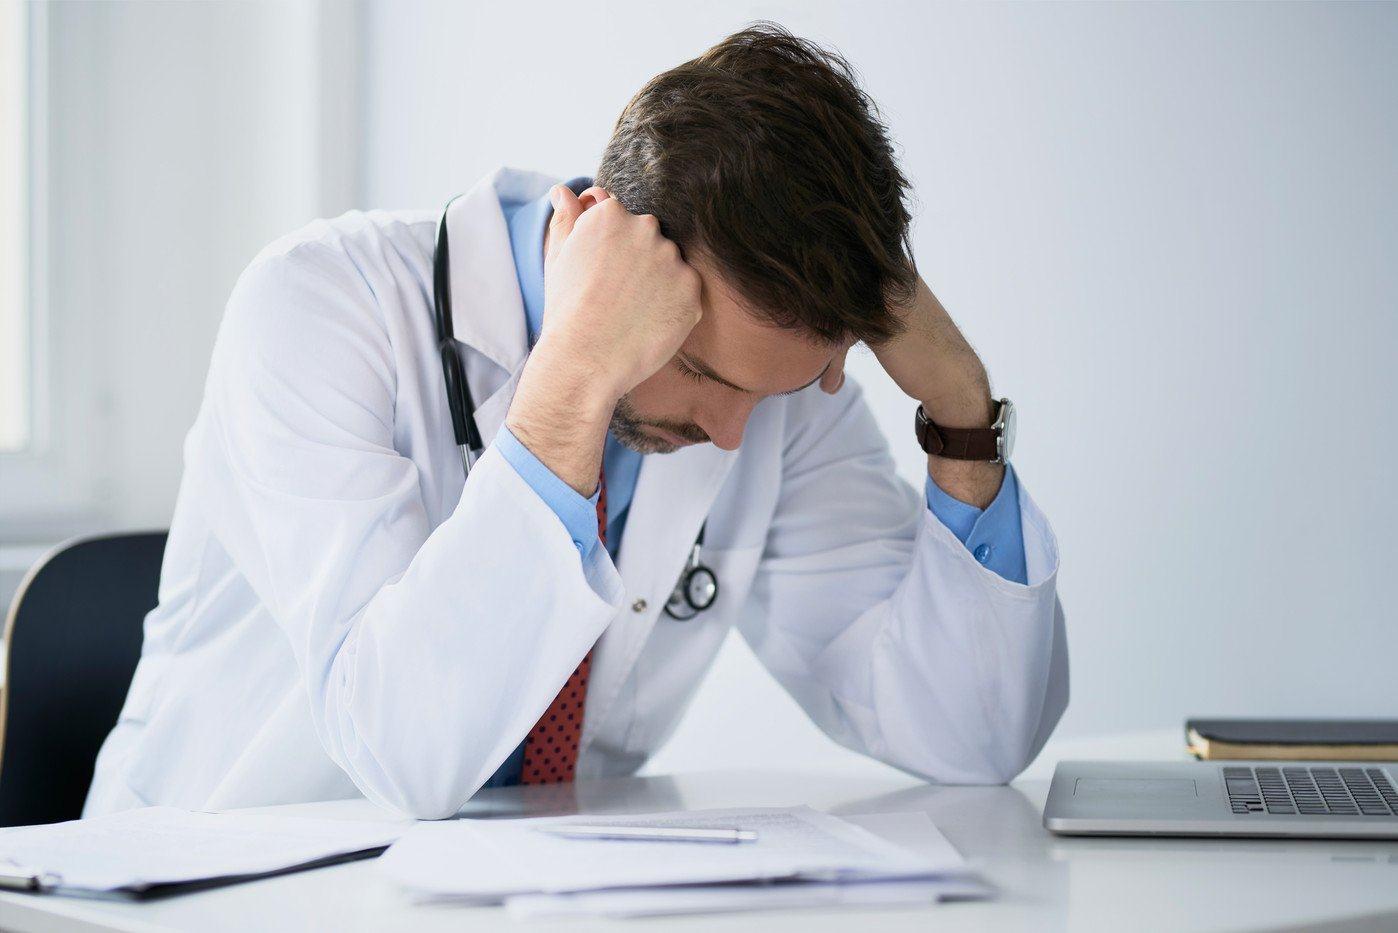 Hậu quả kháng thuốc khi dùng kháng sinh bừa bãi – BS Hung Ngo